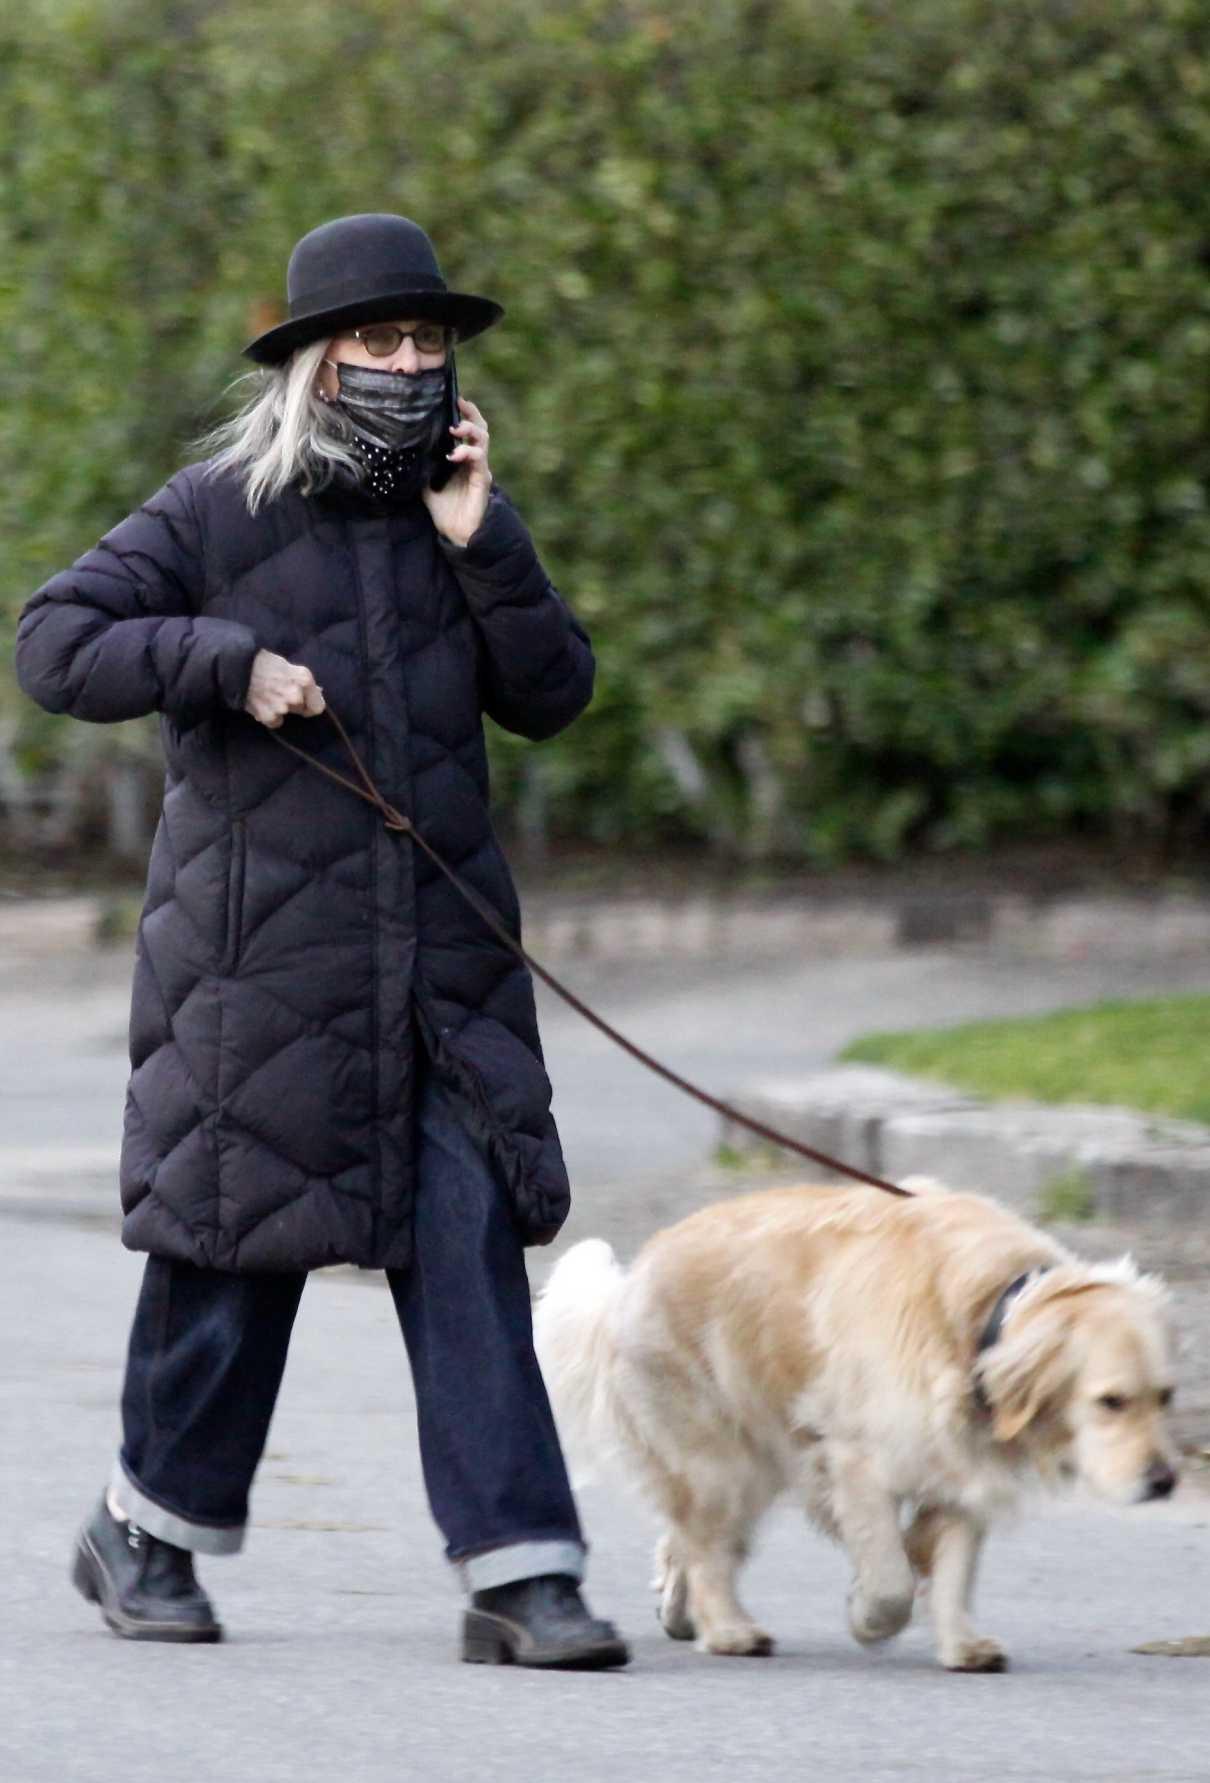 Diane Keaton in a Black Puffer Coat